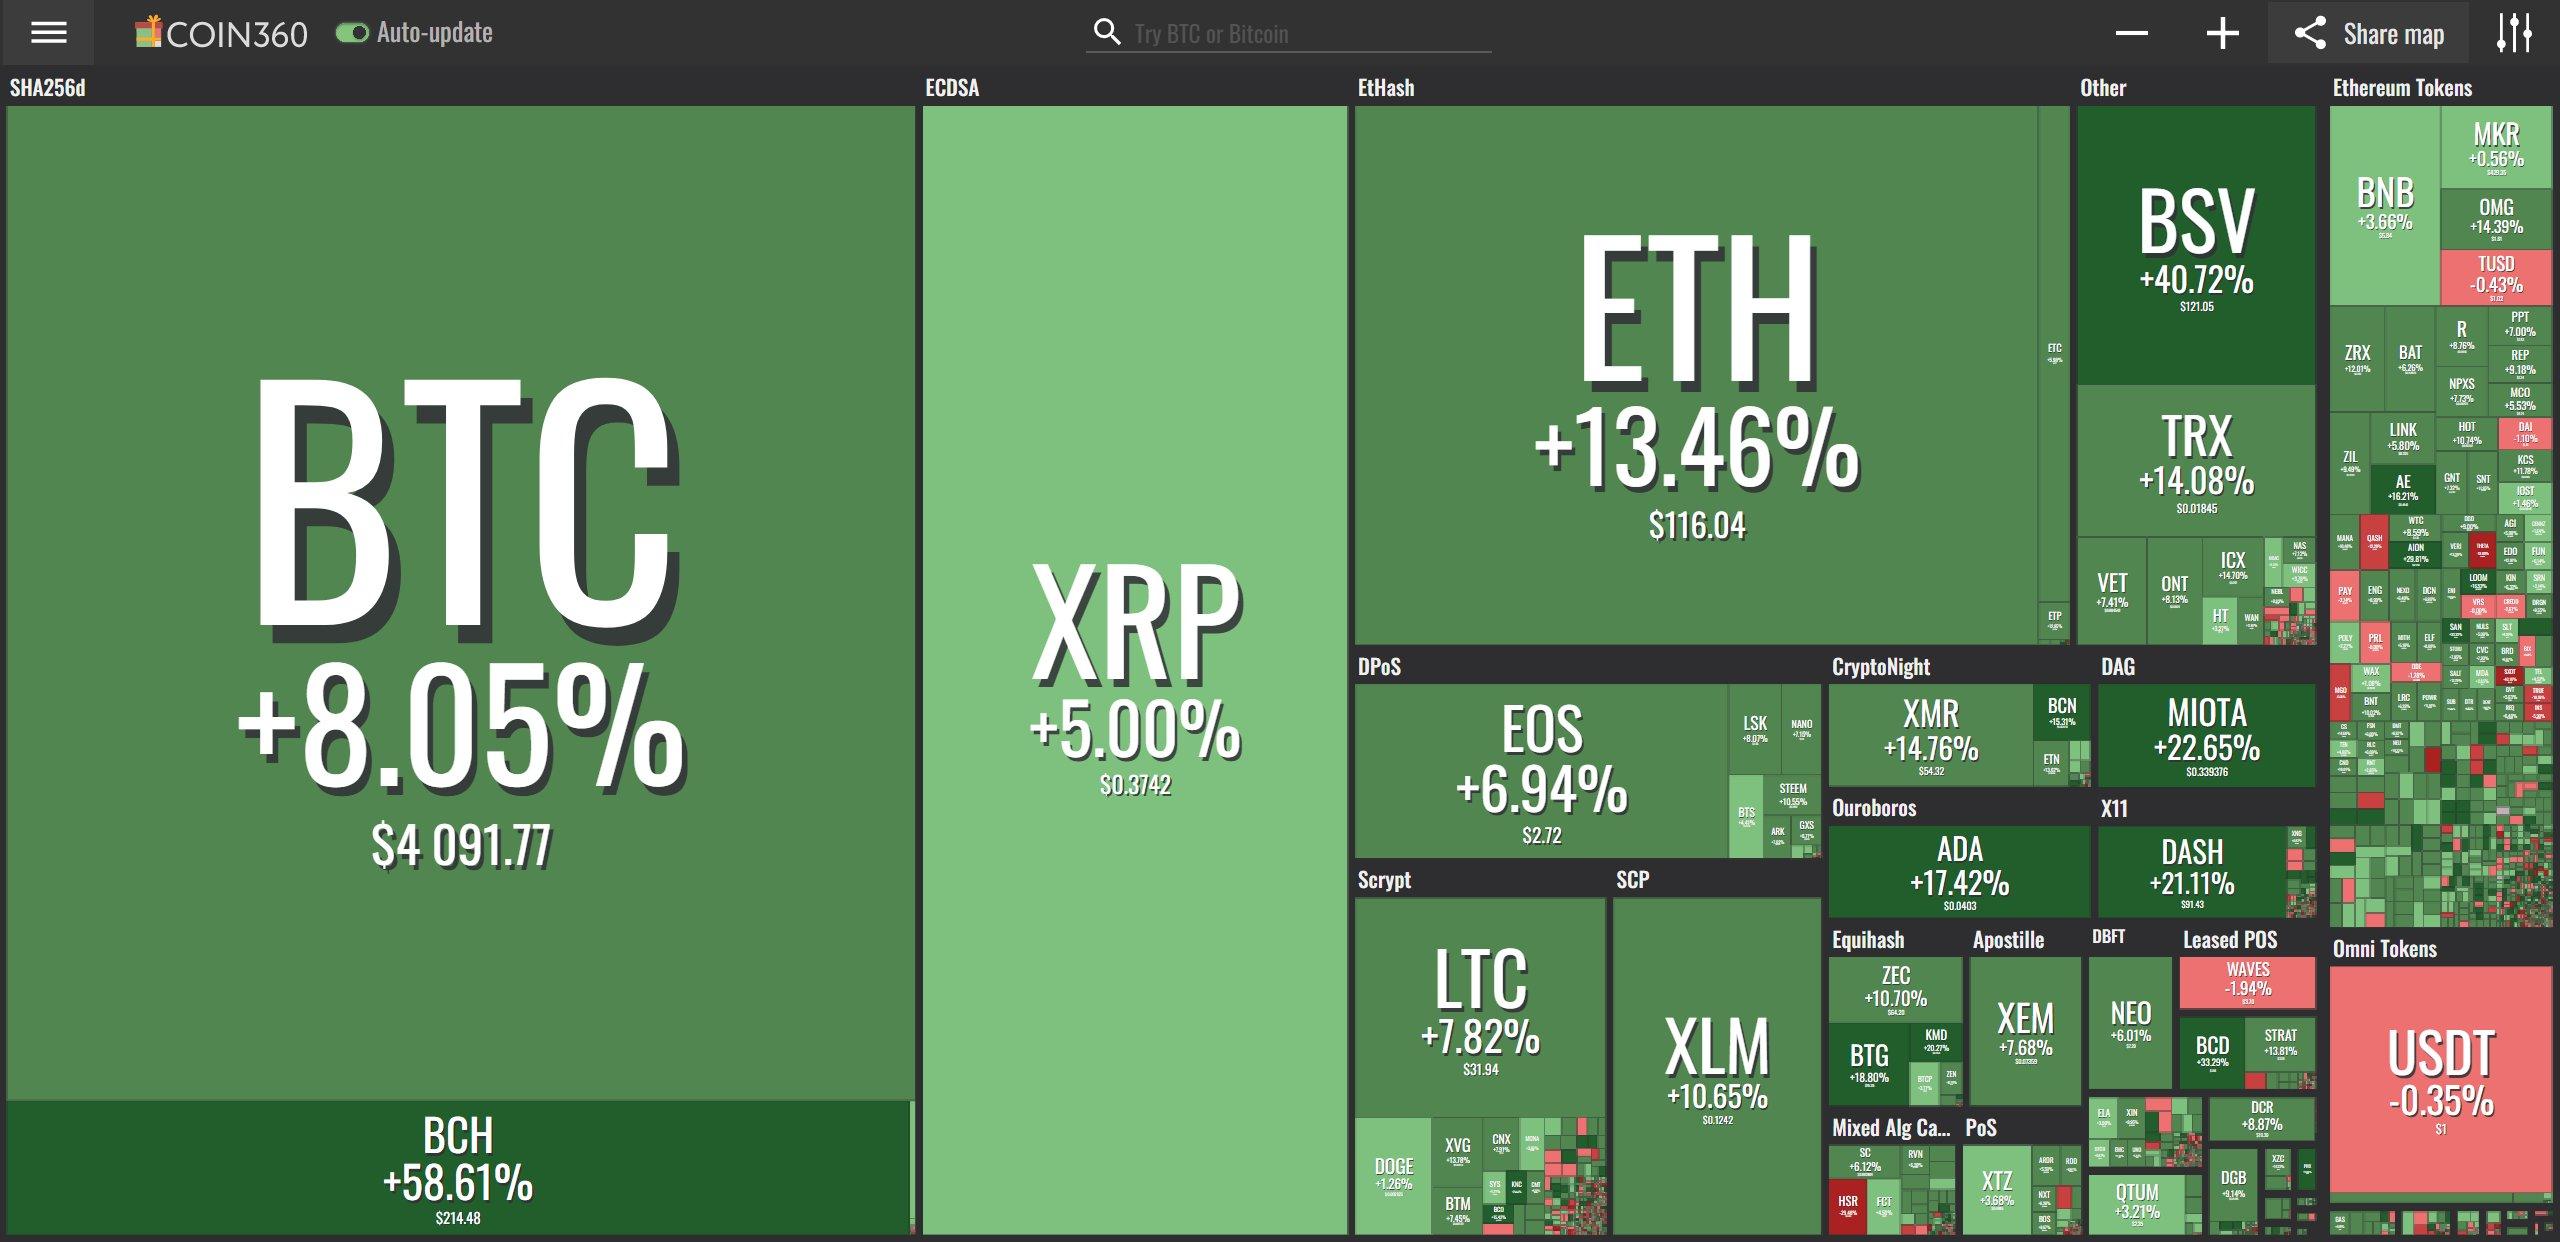 Giá bitcoin hôm nay (21/12): Tin vui cho thị trường tiền điện tử - sẽ tiếp diễn trong bao lâu